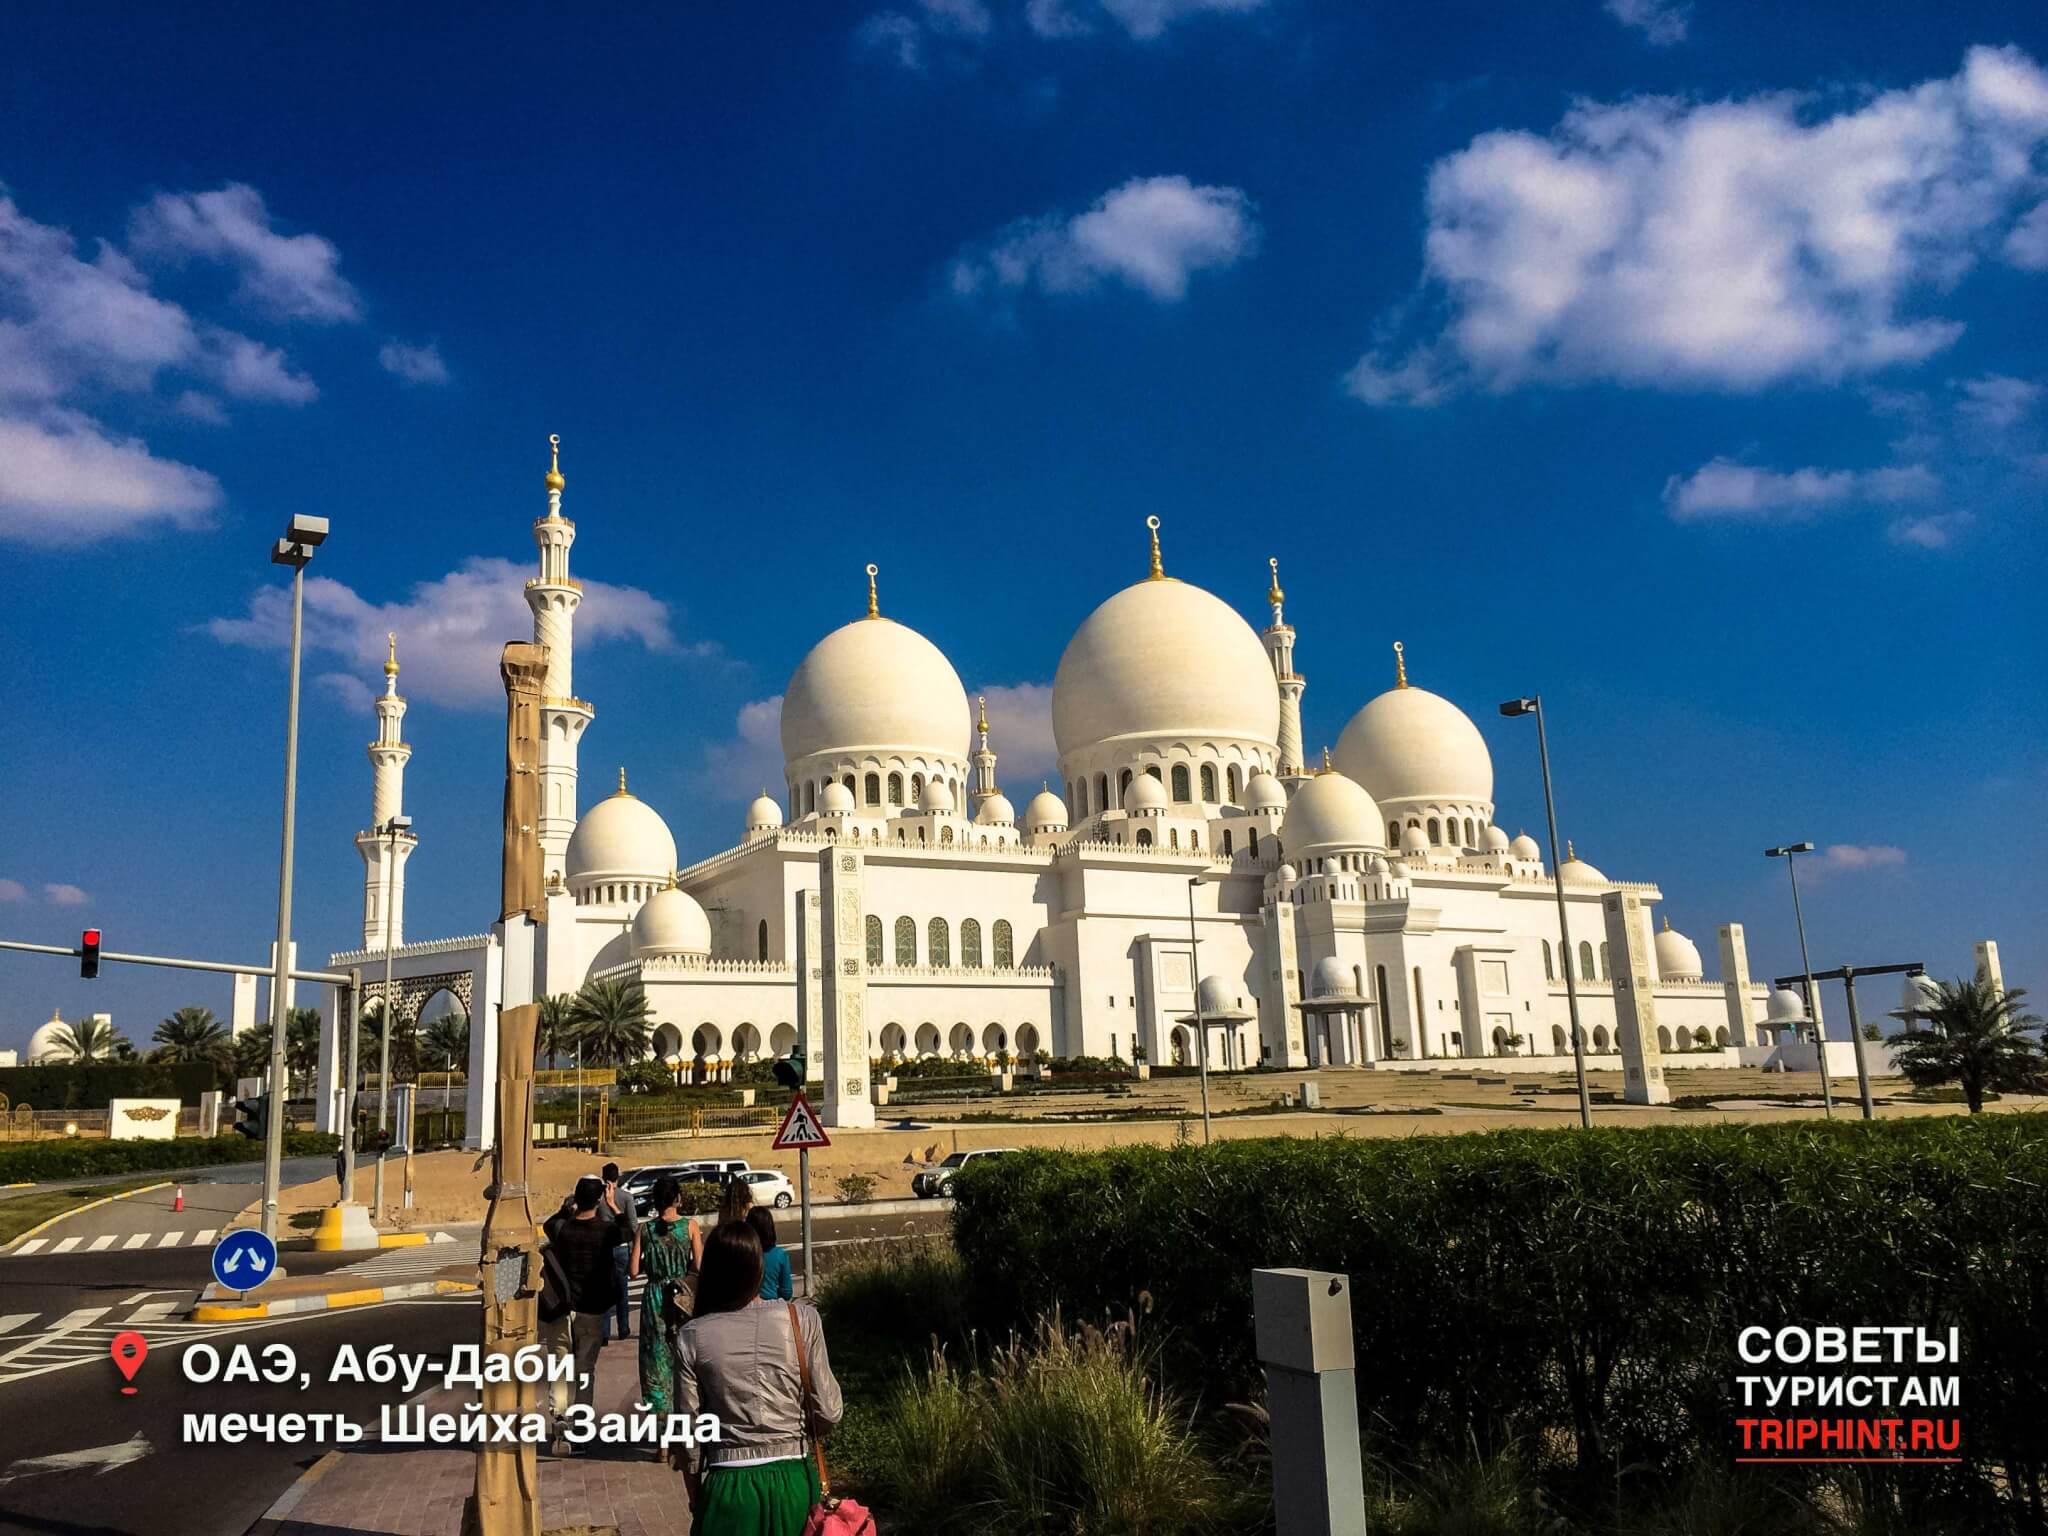 Что посетить в ОАЭ? Абу-Даби, самая большая и дорогая белая мечеть шейха Зайда